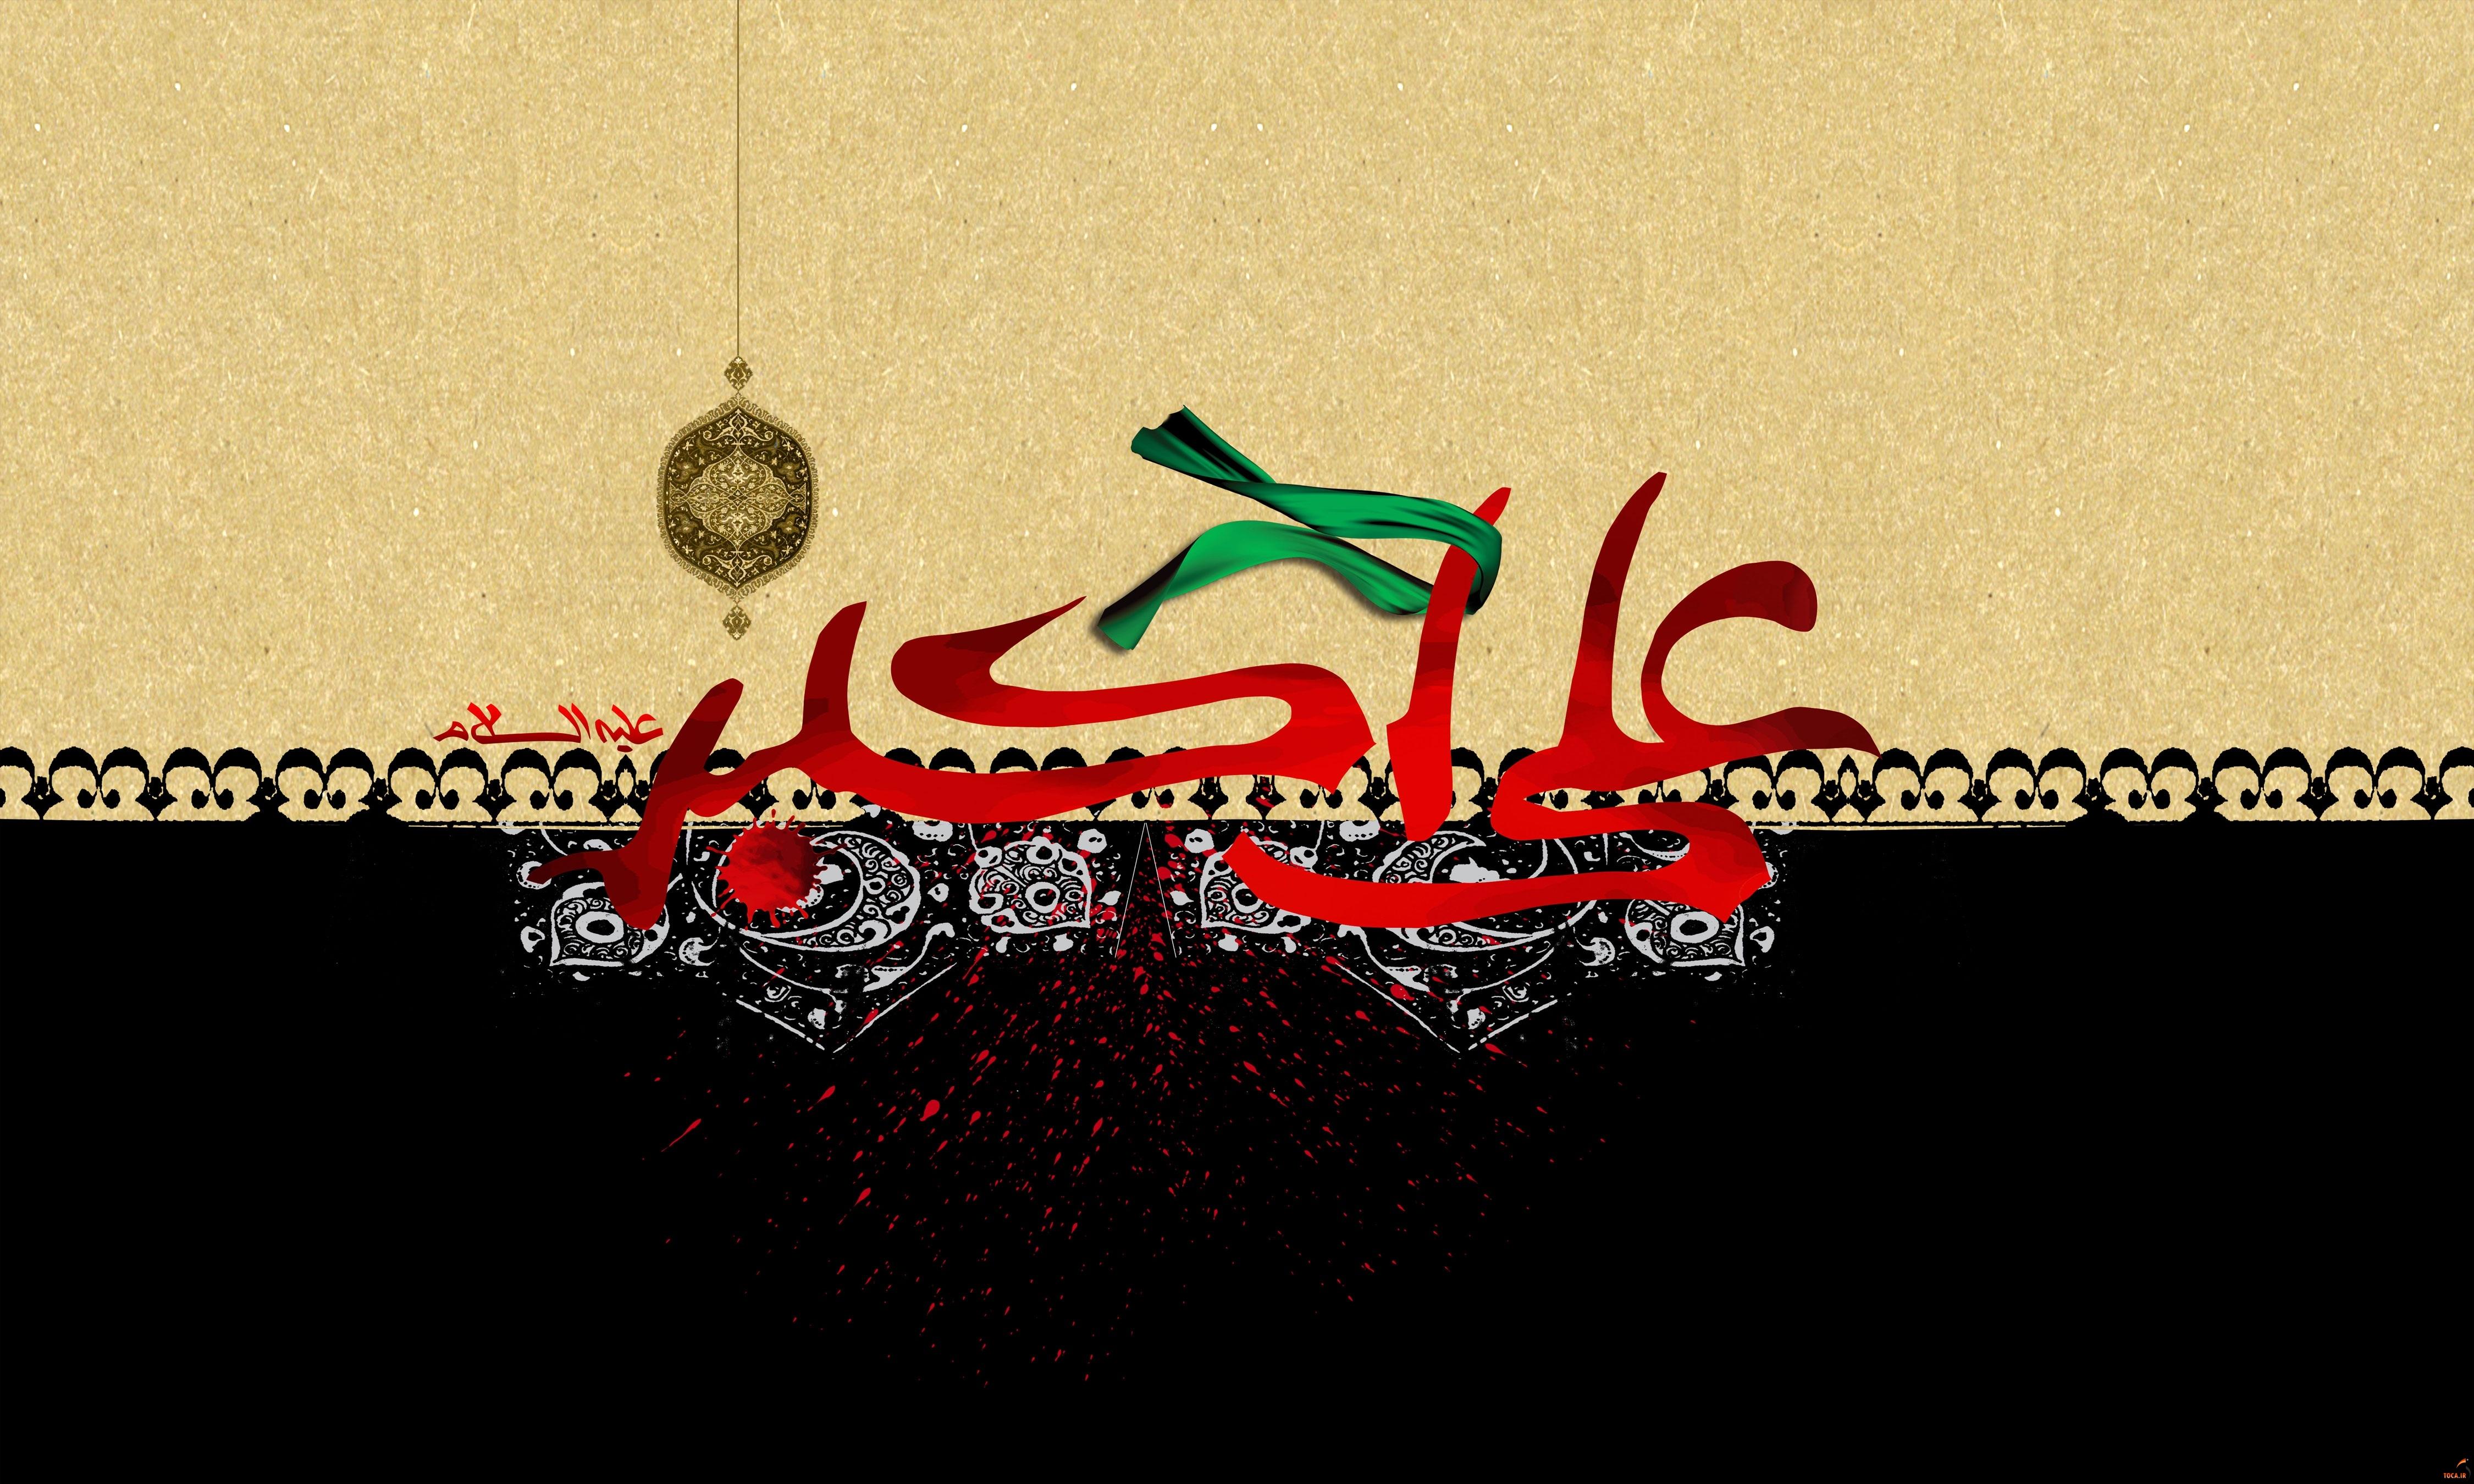 http://uupload.ir/files/vgog_www_toca_ir_1353434406_,_2700_4500.jpg